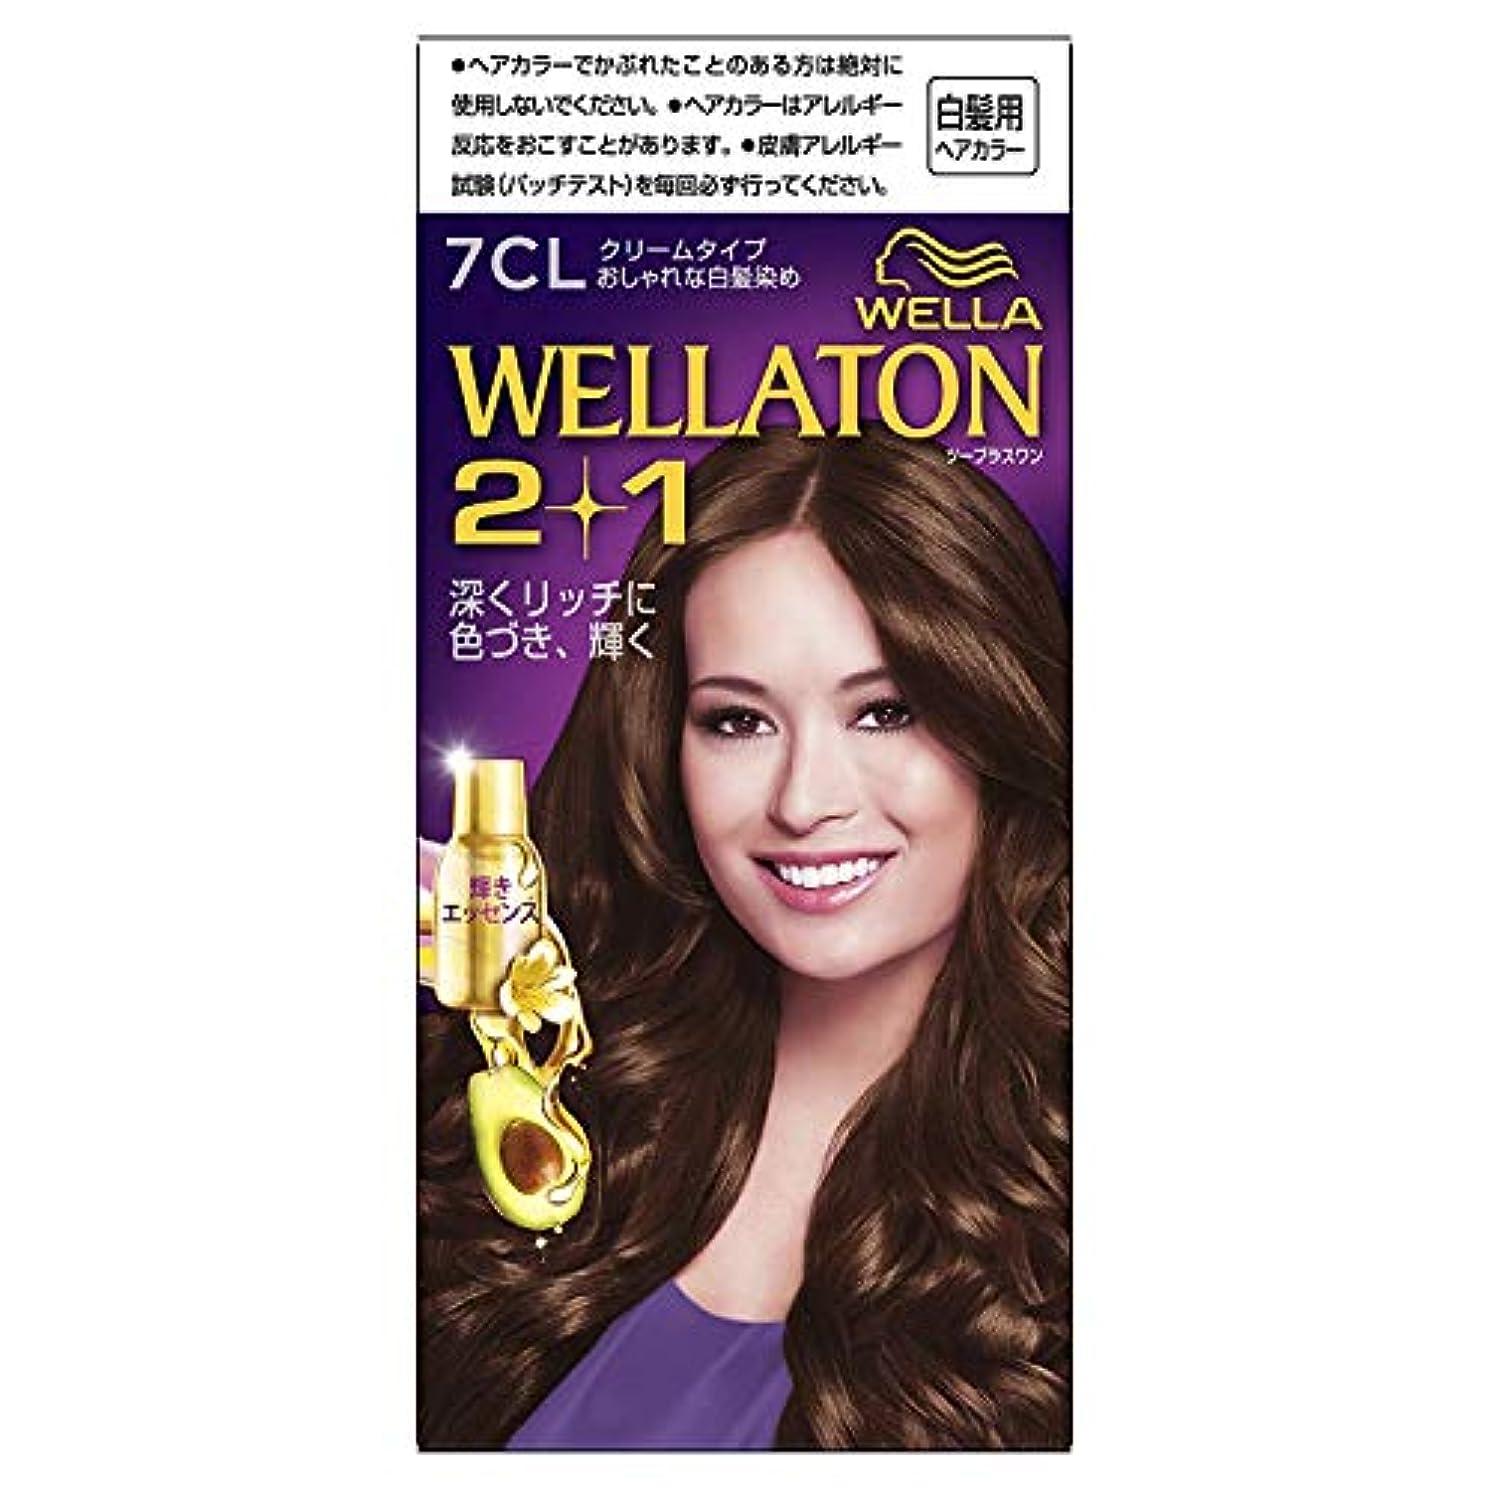 検査官ワックス感覚ウエラトーン2+1 白髪染め クリームタイプ 7CL [医薬部外品]×3個